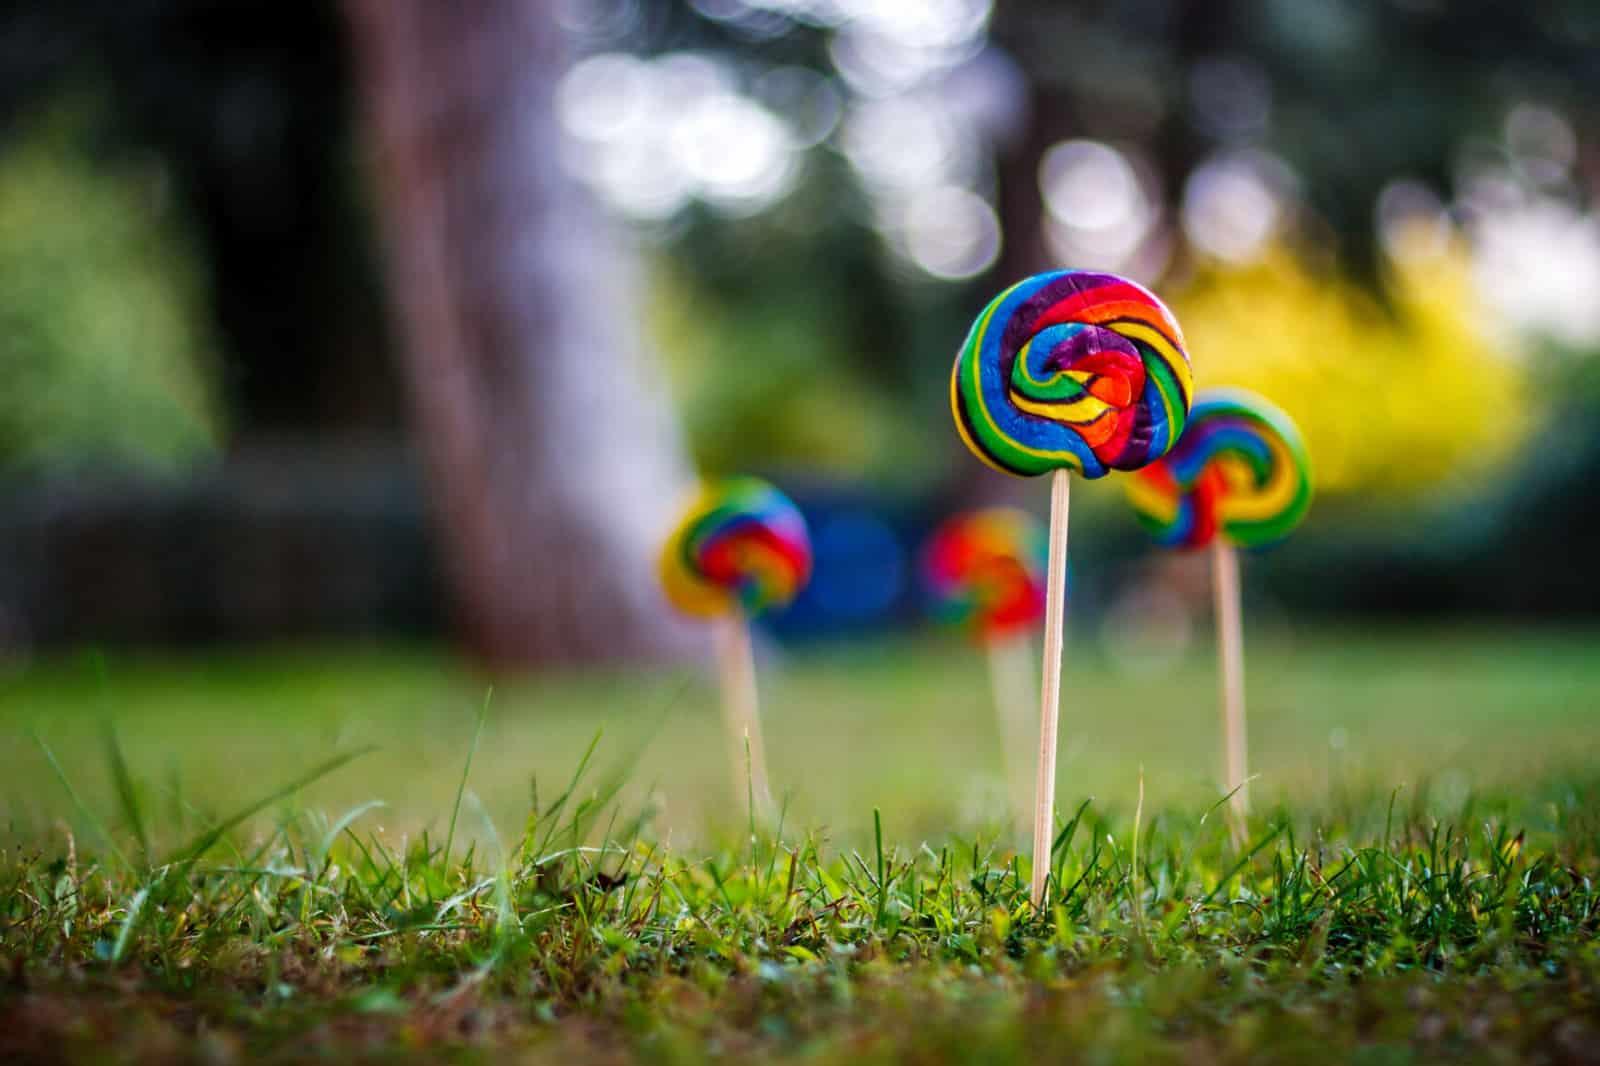 lollipop flowers in grass showing innovation funding in uk